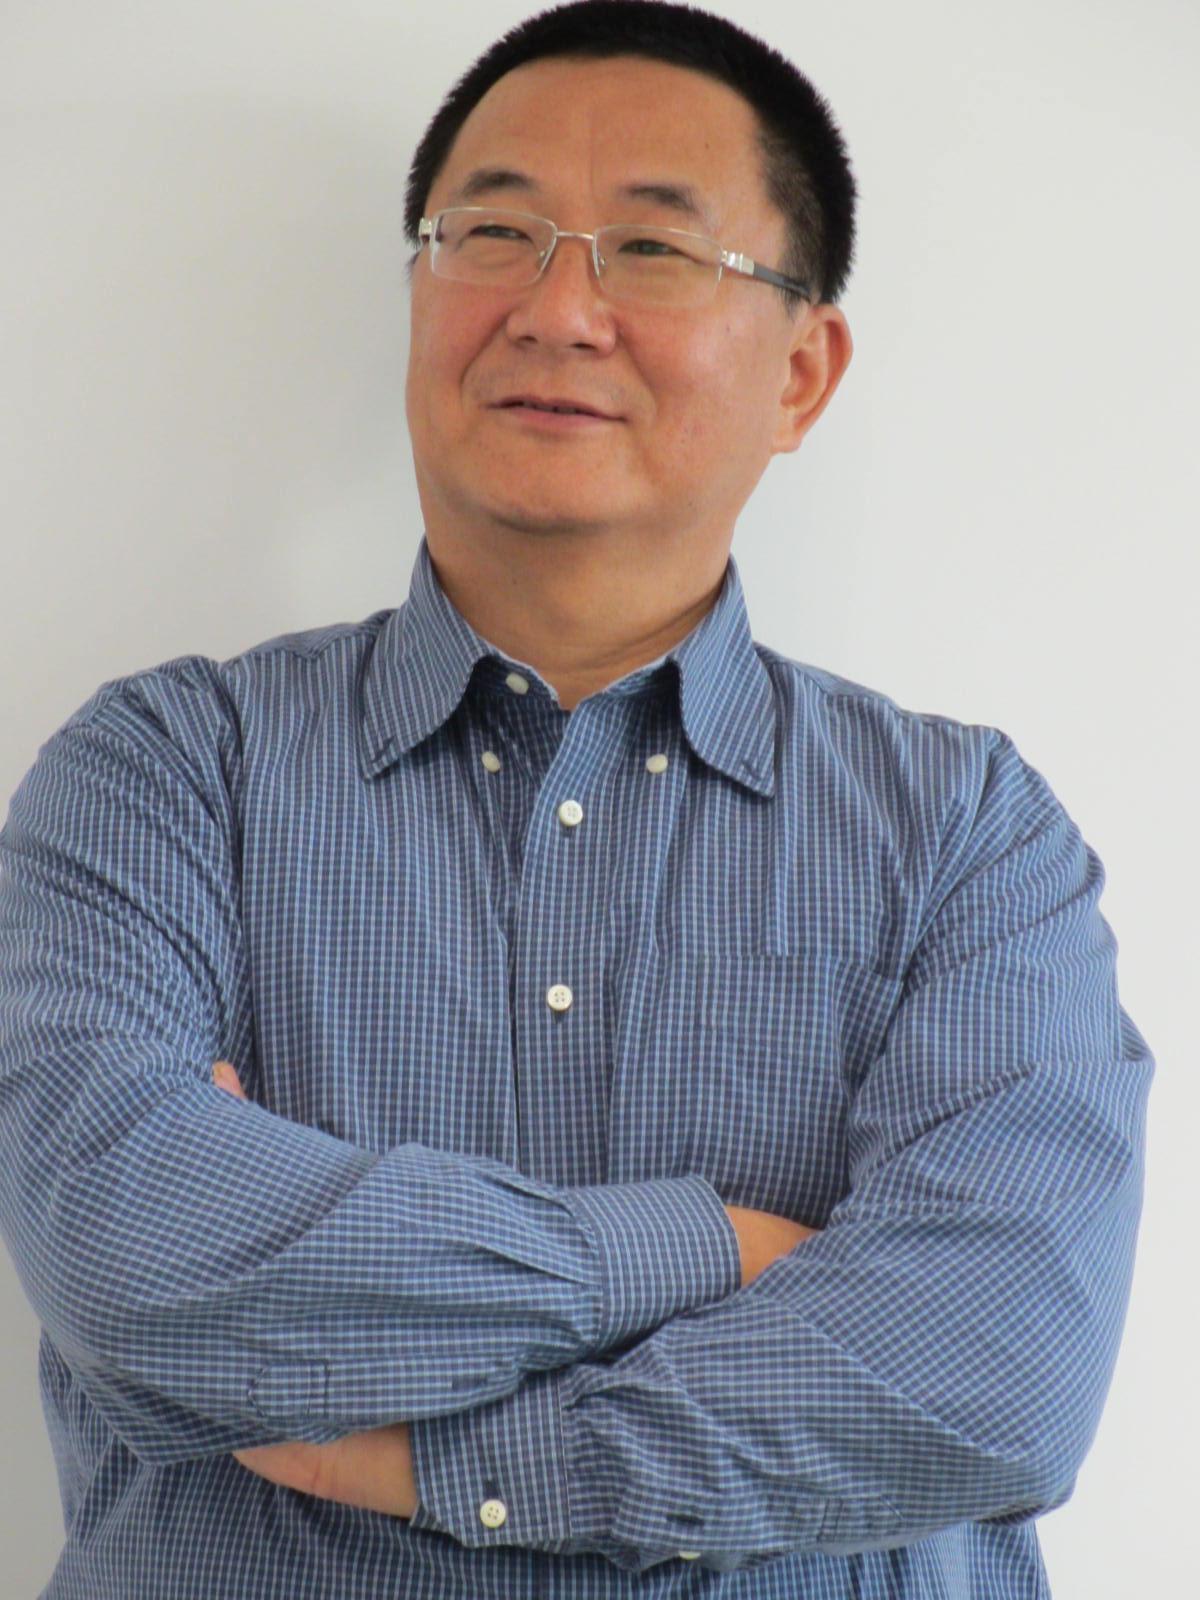 王丹维老师头像